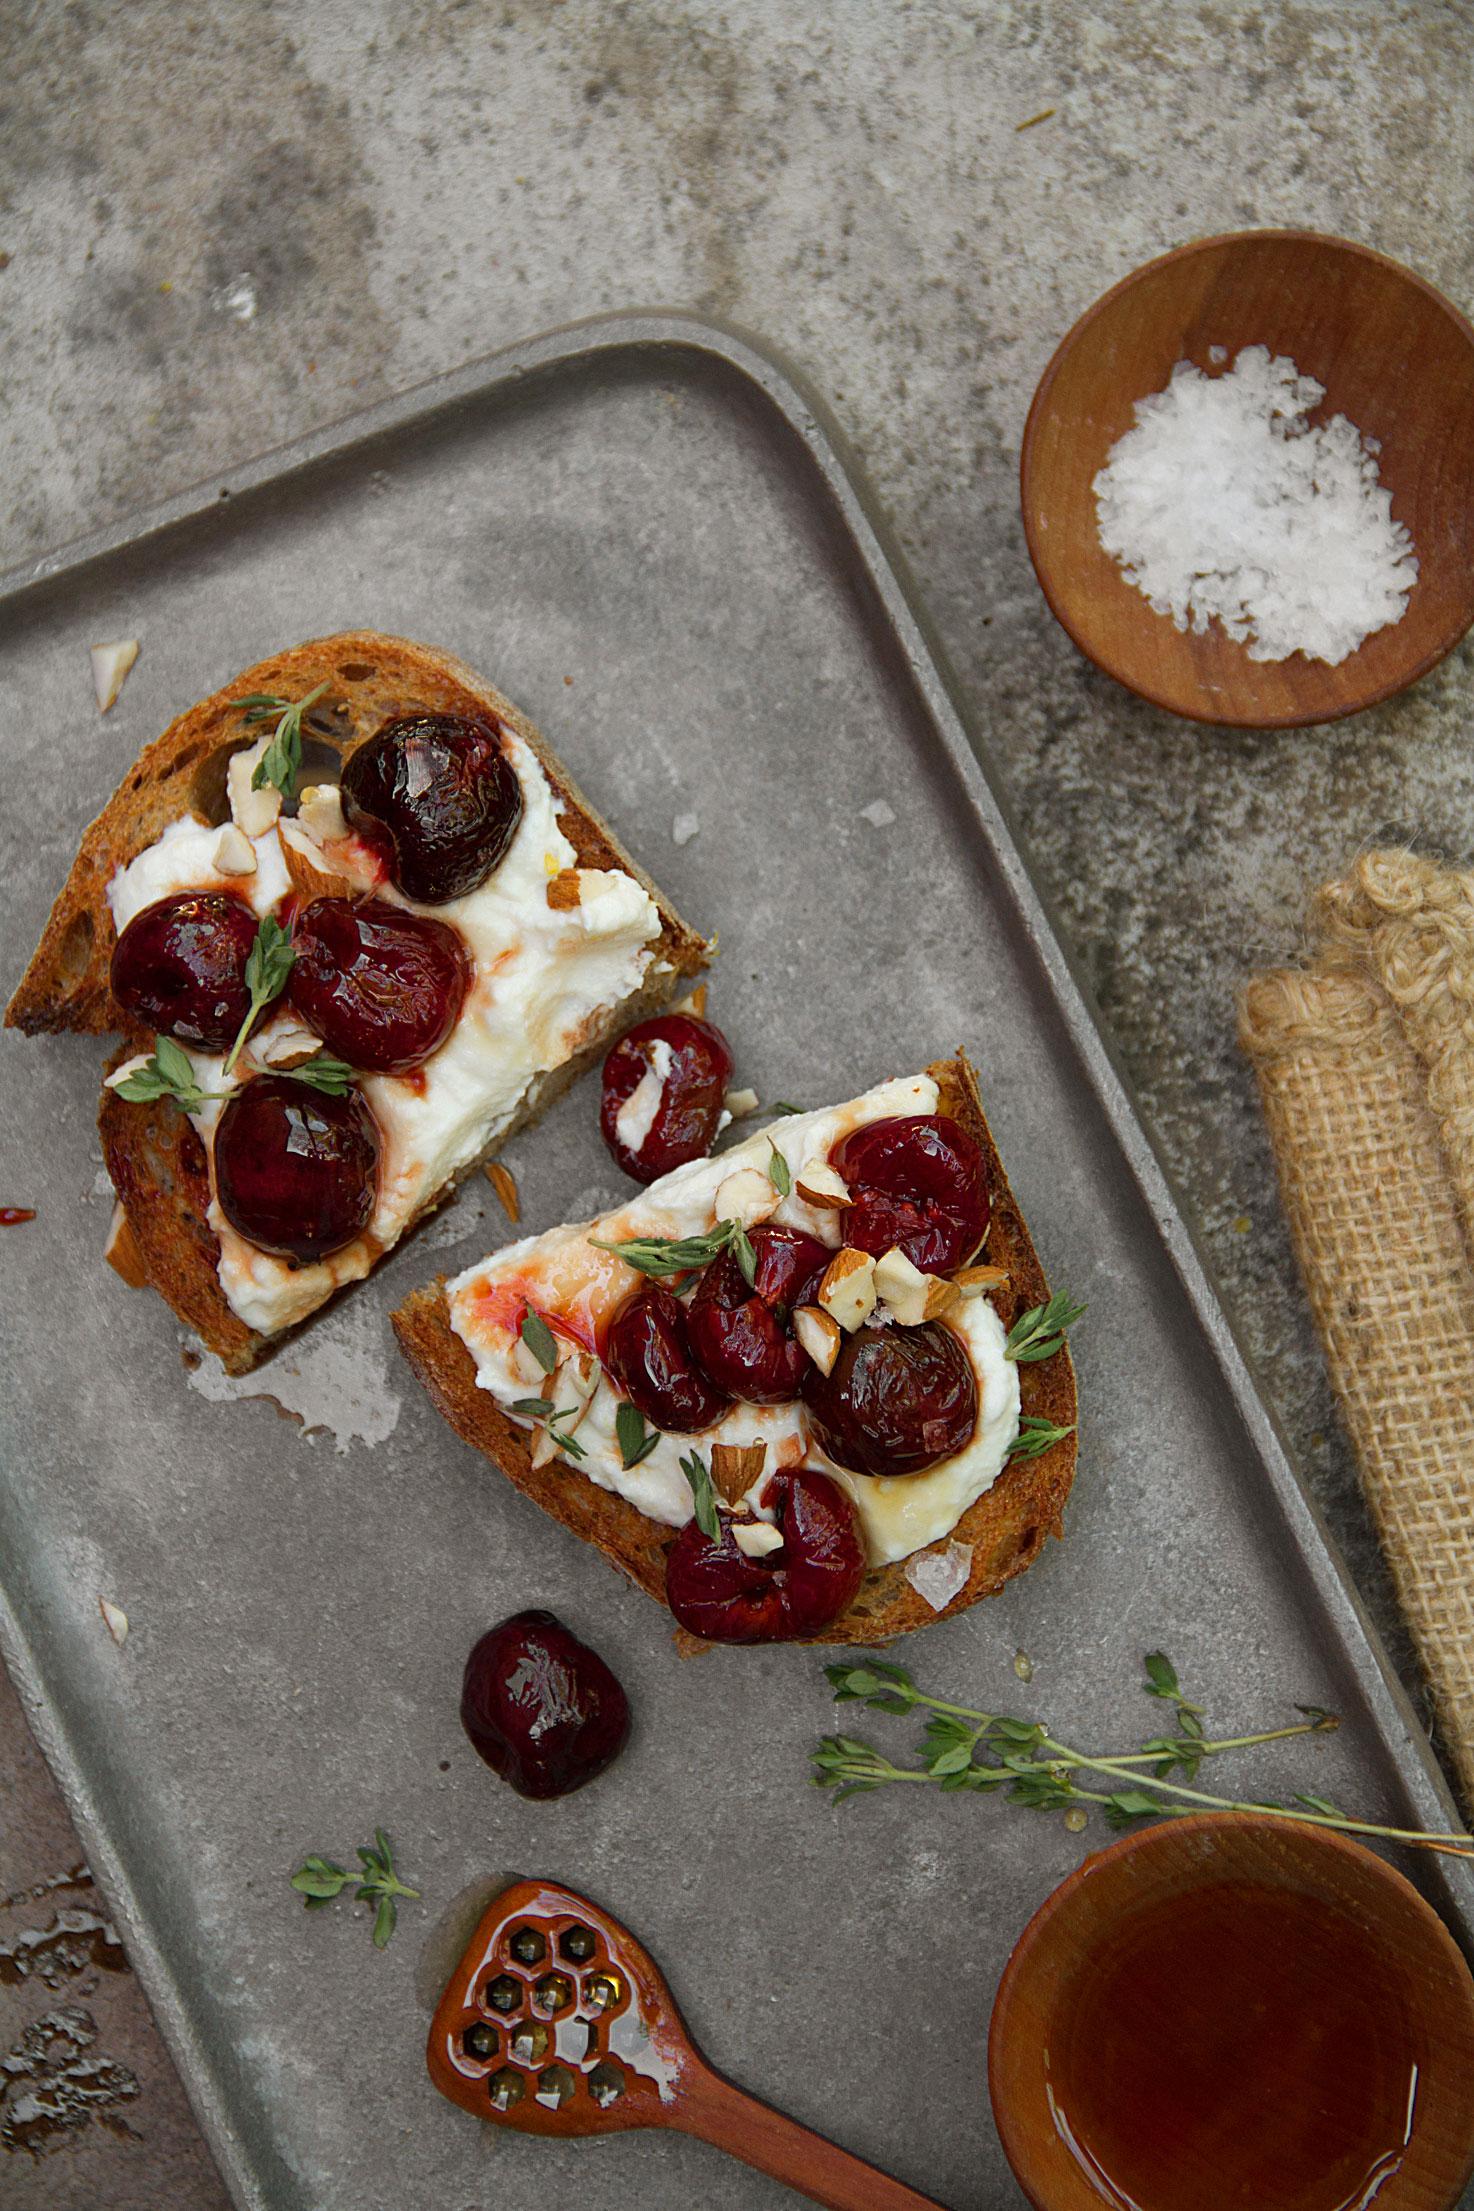 Honey-Roasted Cherry and Lemon Ricotta Toast